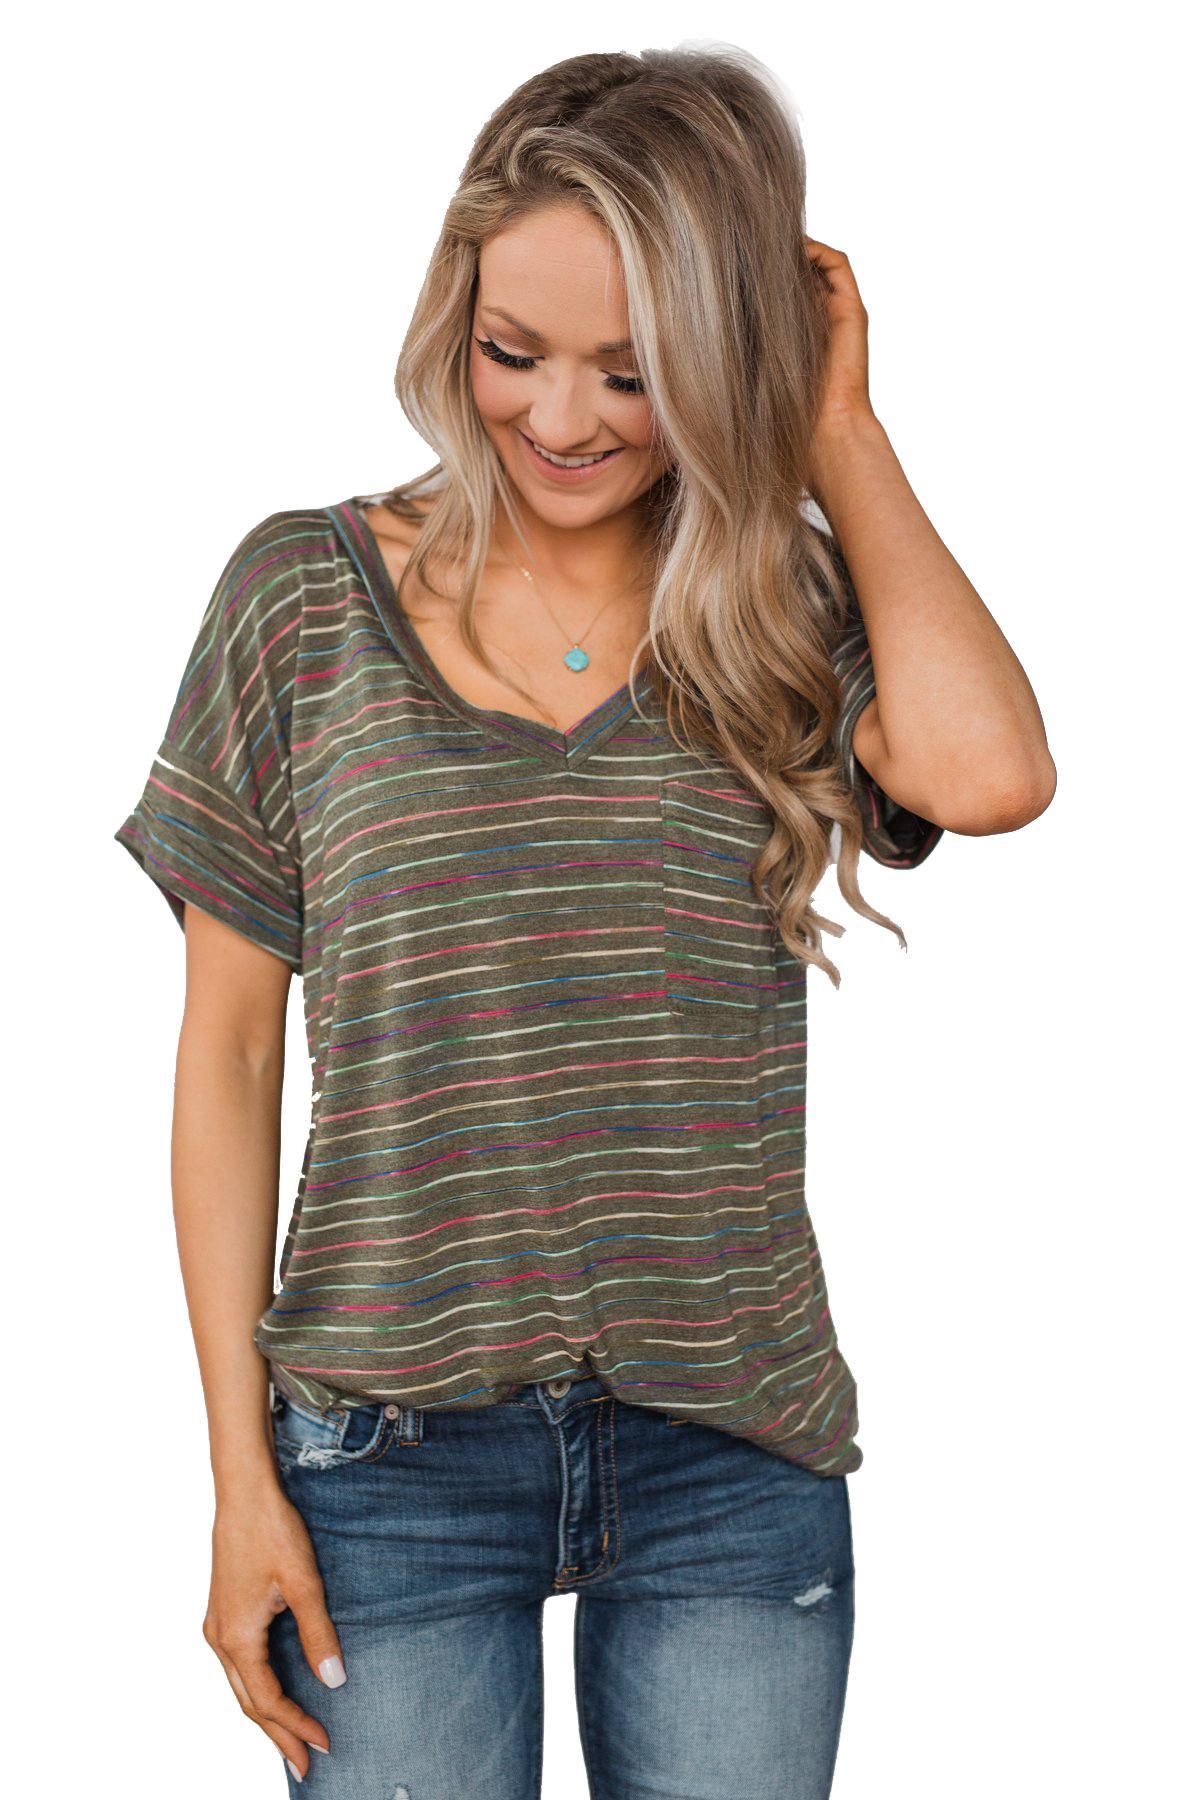 the latest ff4ee 45200 Acquista Camicia Da Donna Estiva Con Scollo T Shirt Manica ...